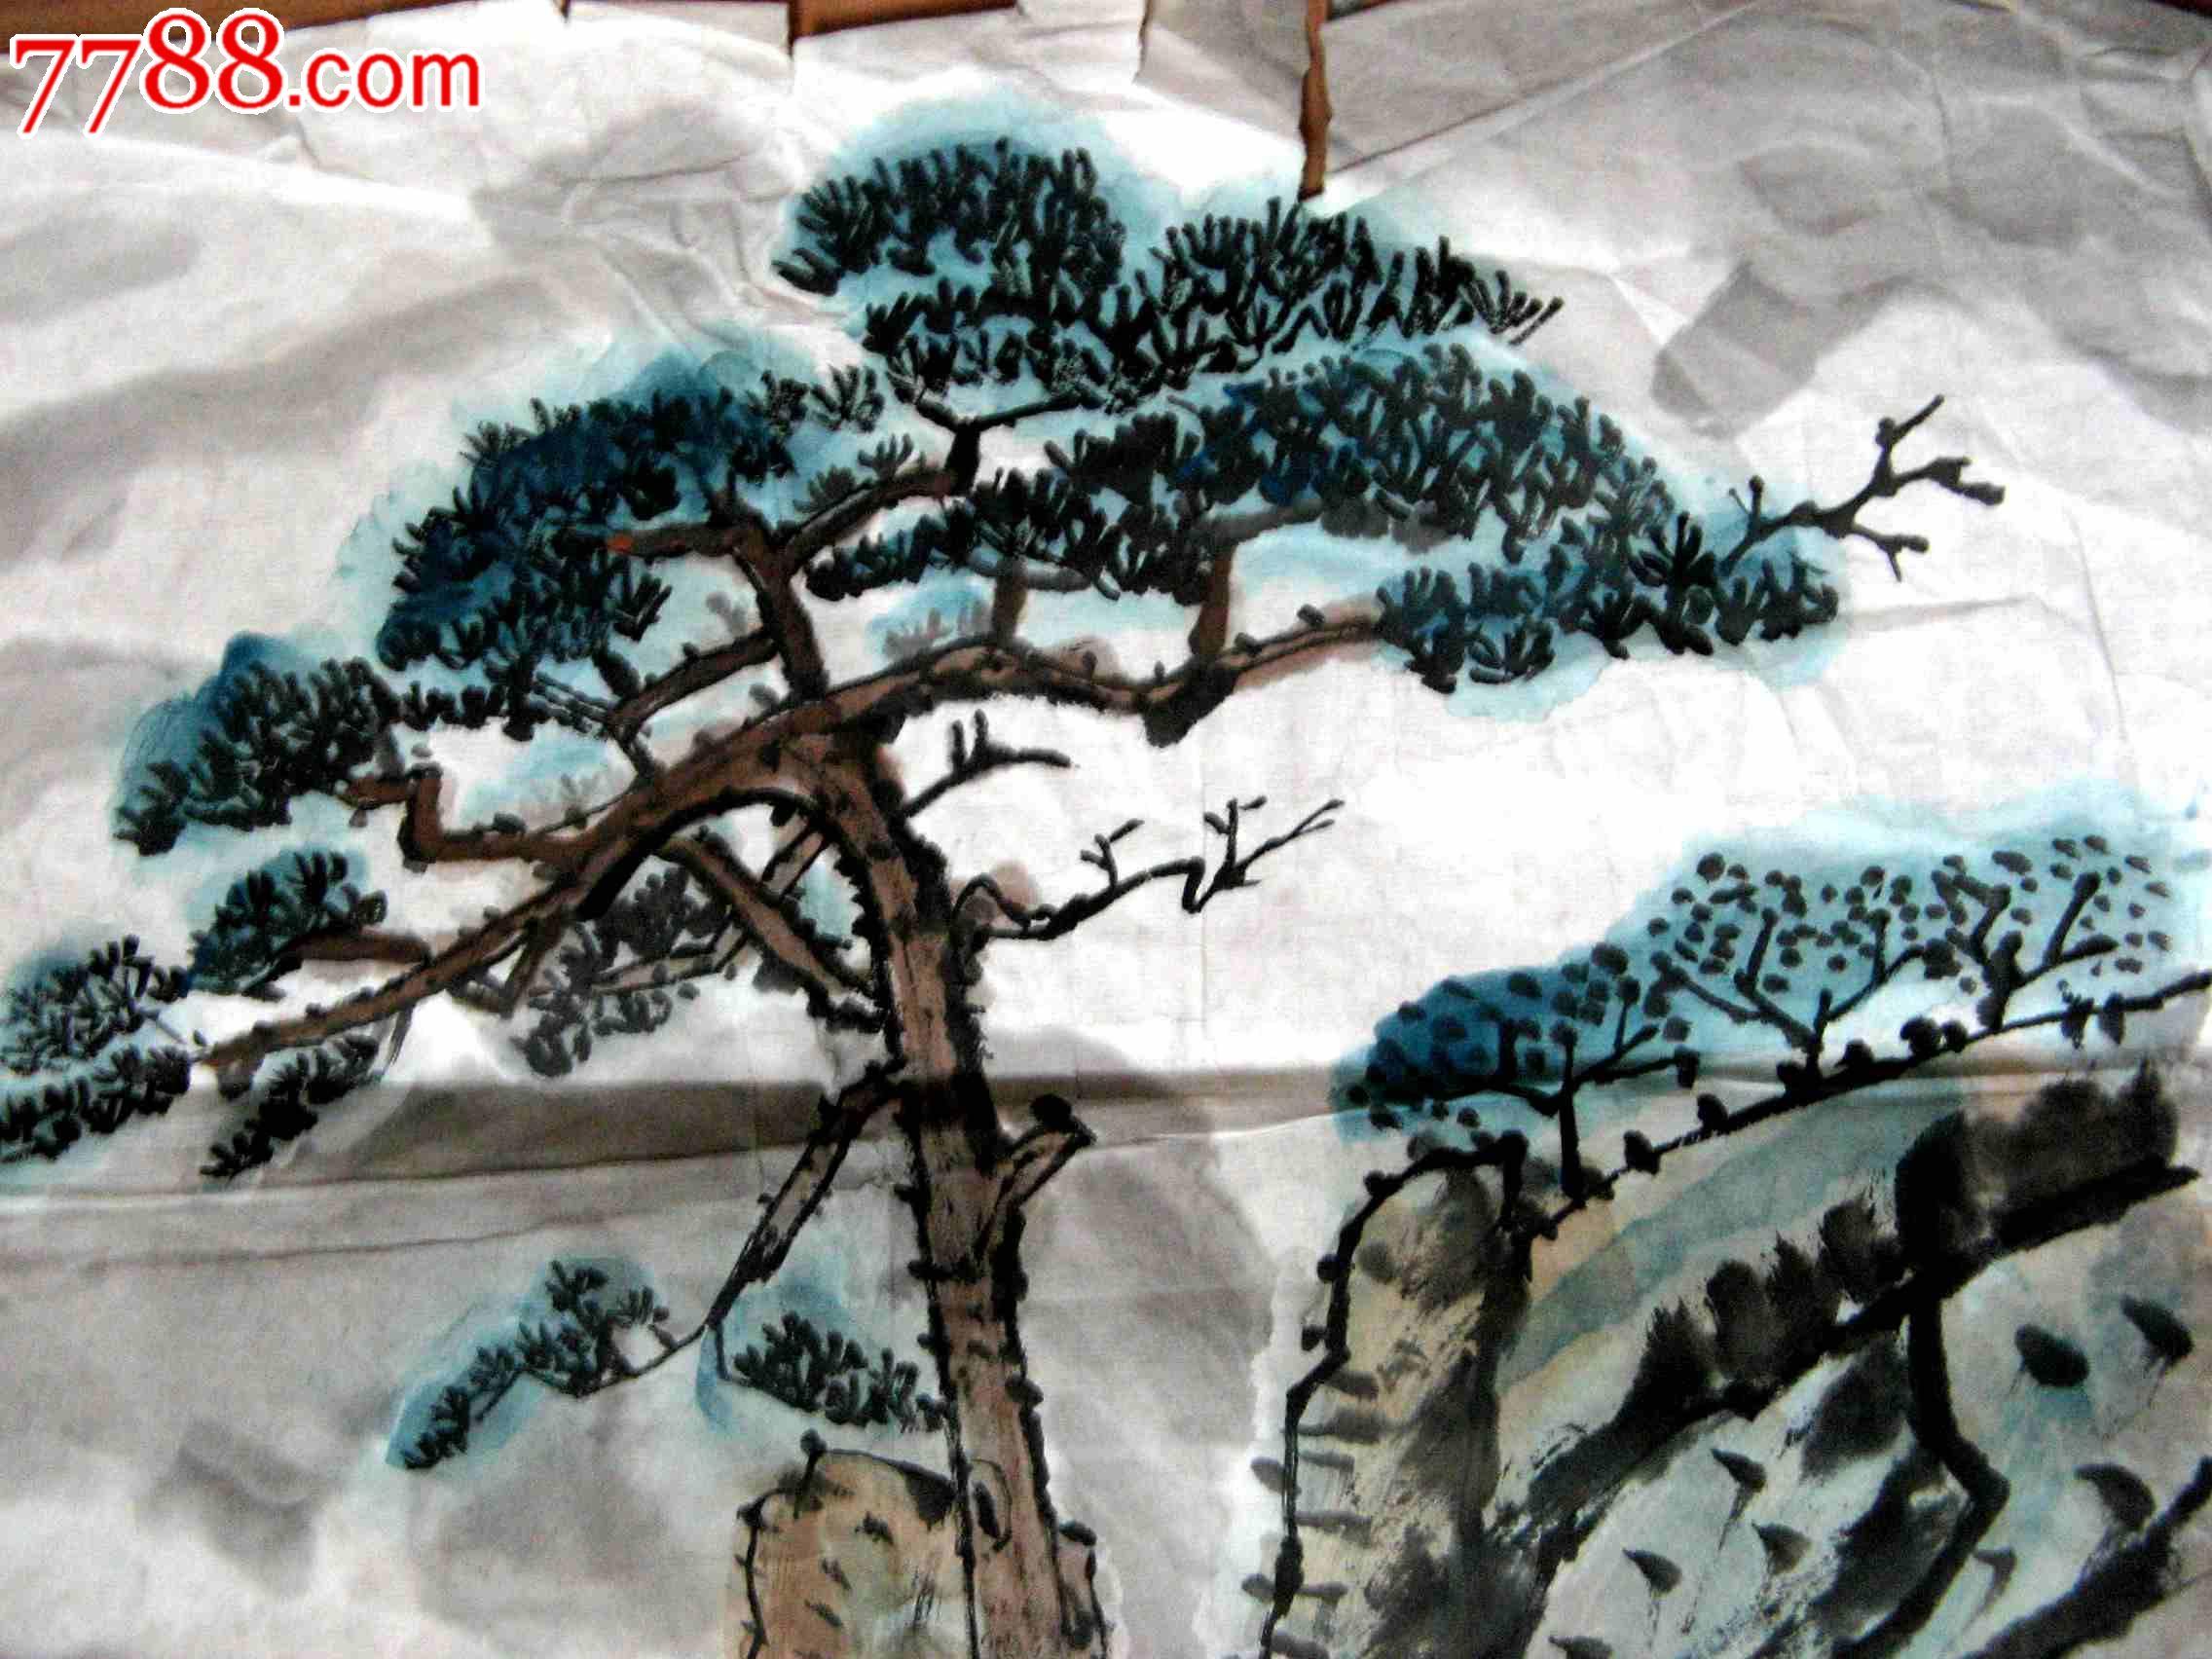 横幅简单的水墨画-练 的四尺开三条幅 山水画 岩松 se2